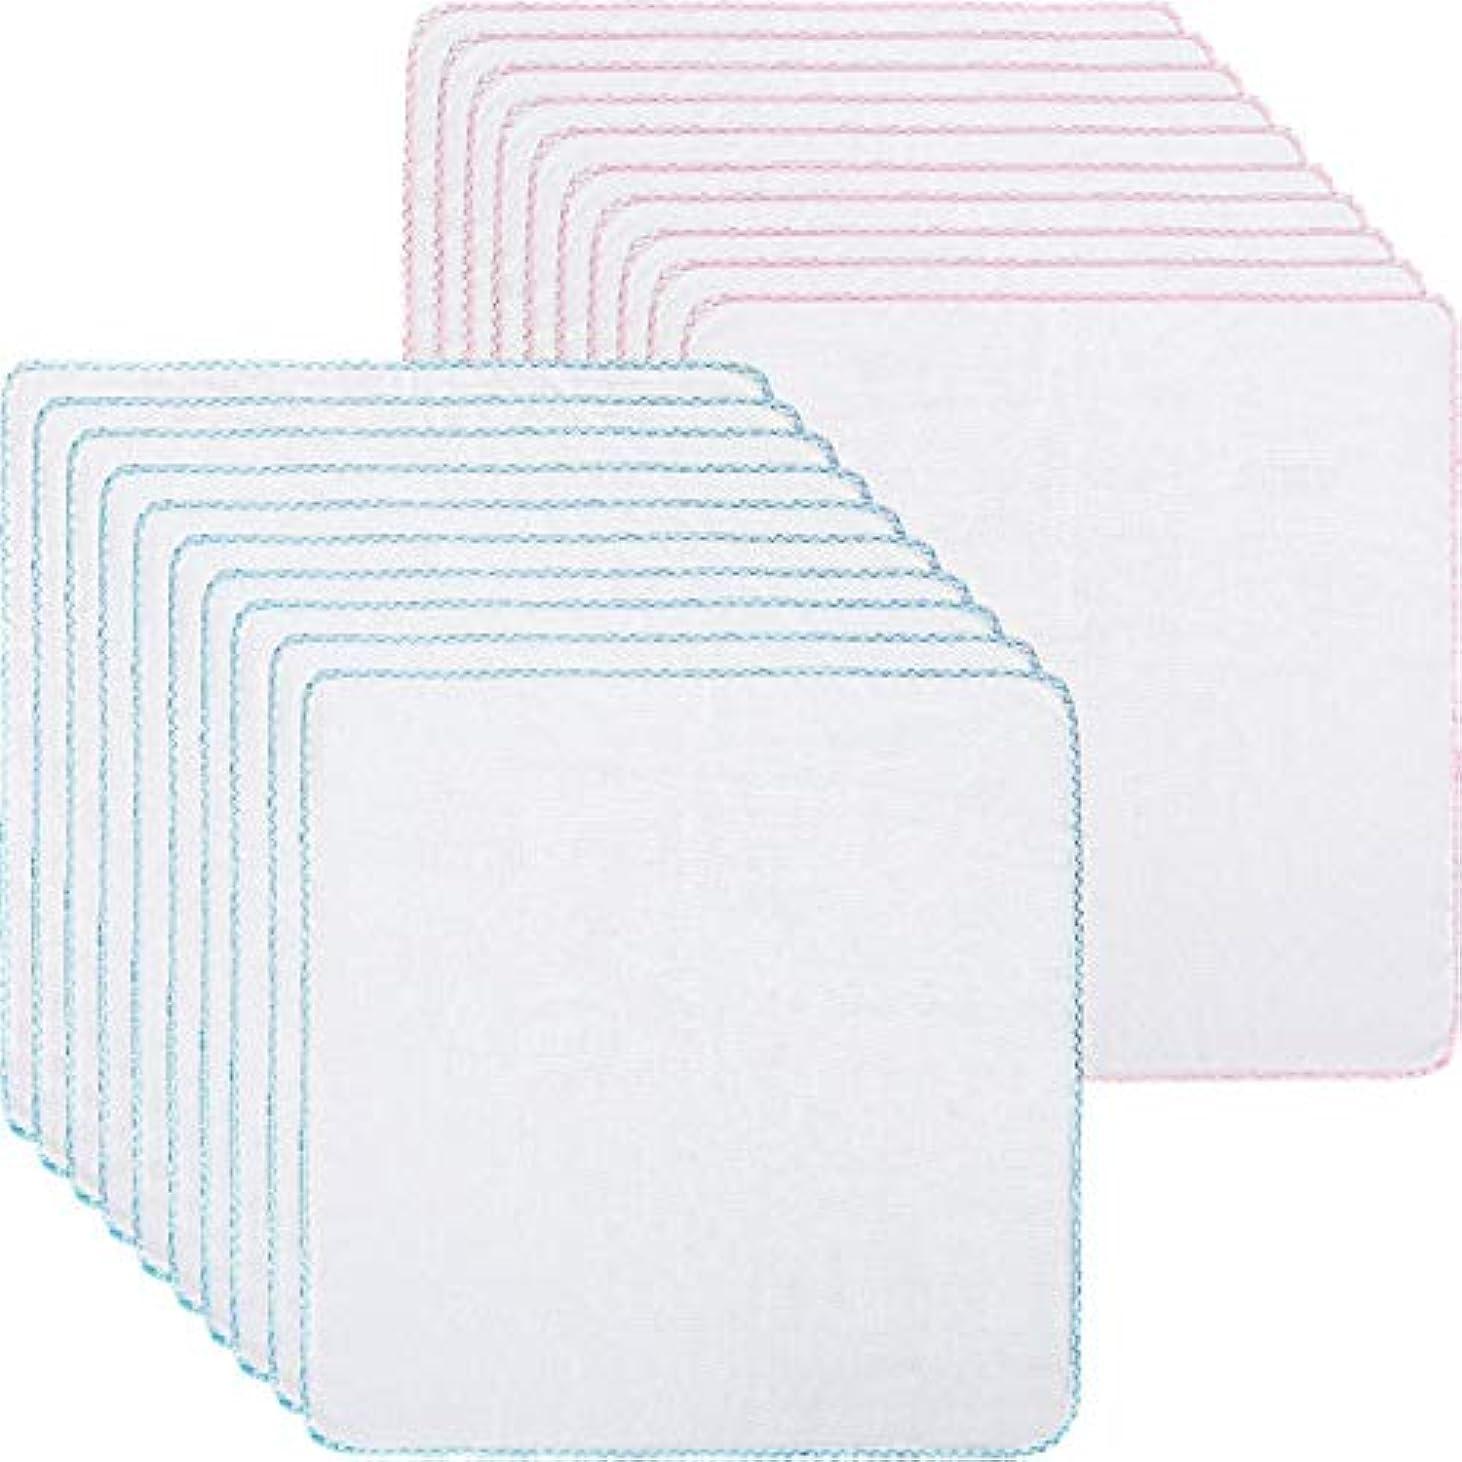 割り当てるフォーカス居眠りするWadachikis フレンドリー20ピースピュアコットンフェイシャルクレンジングモスリン布ソフトフェイシャルクレンジングメイクリムーバー布、青とピンク